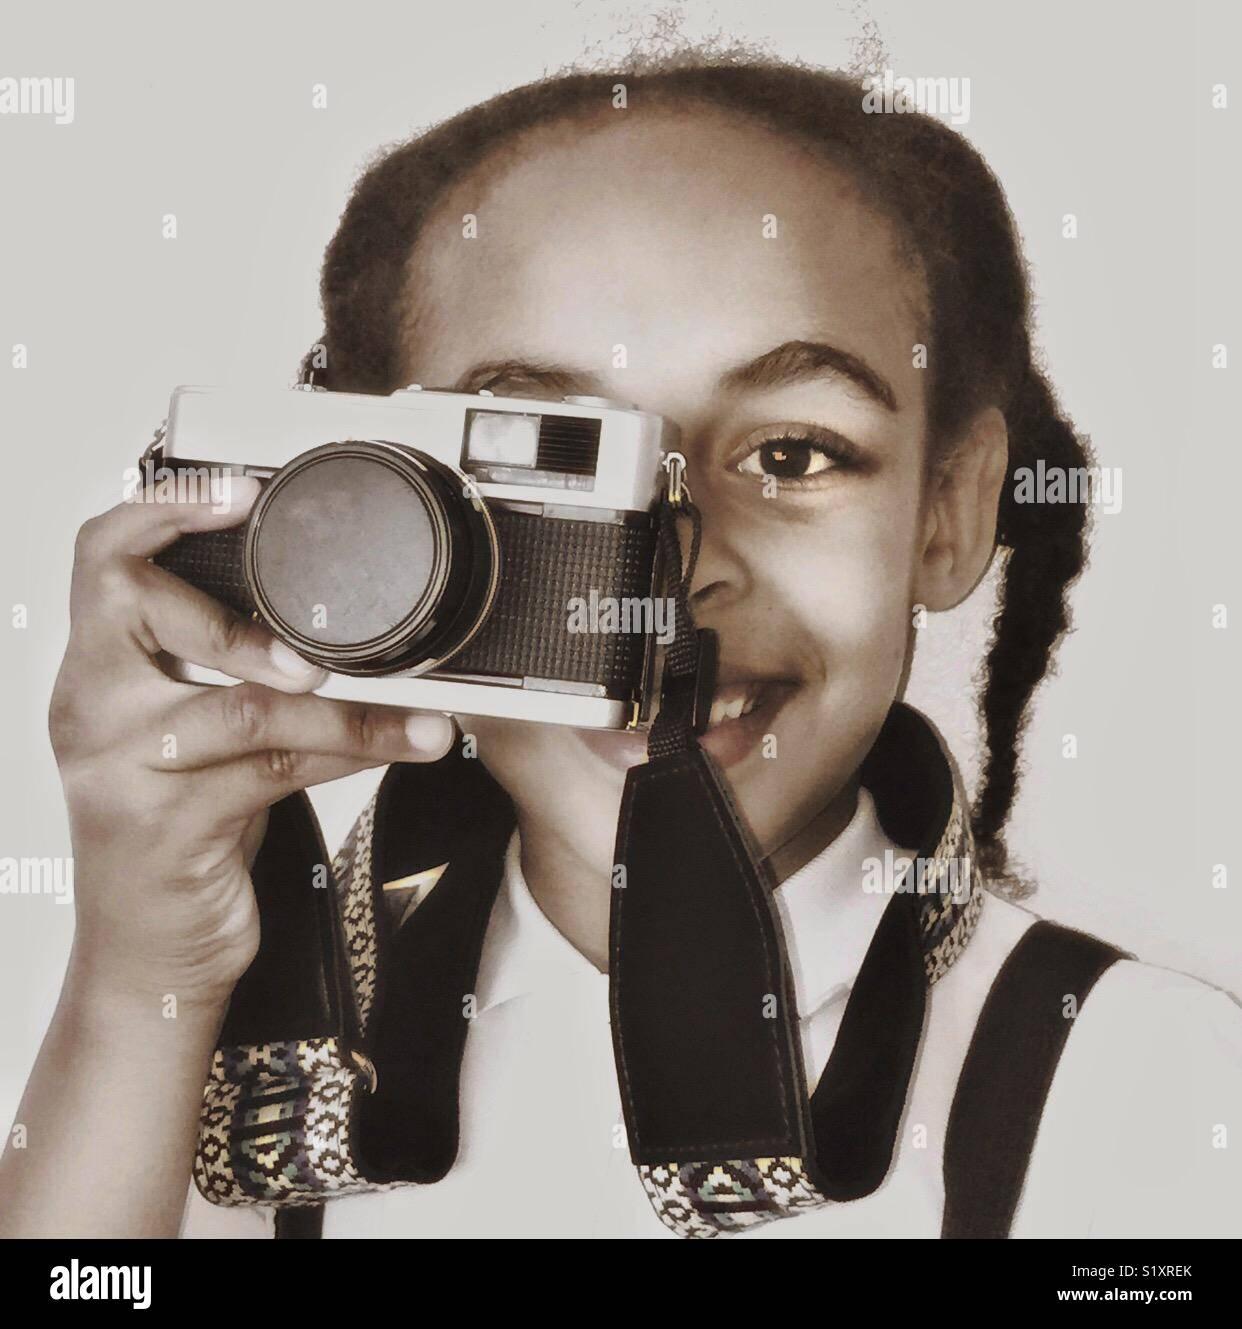 Una joven chica sujetando una cámara vintage a su ojo. Imagen De Stock